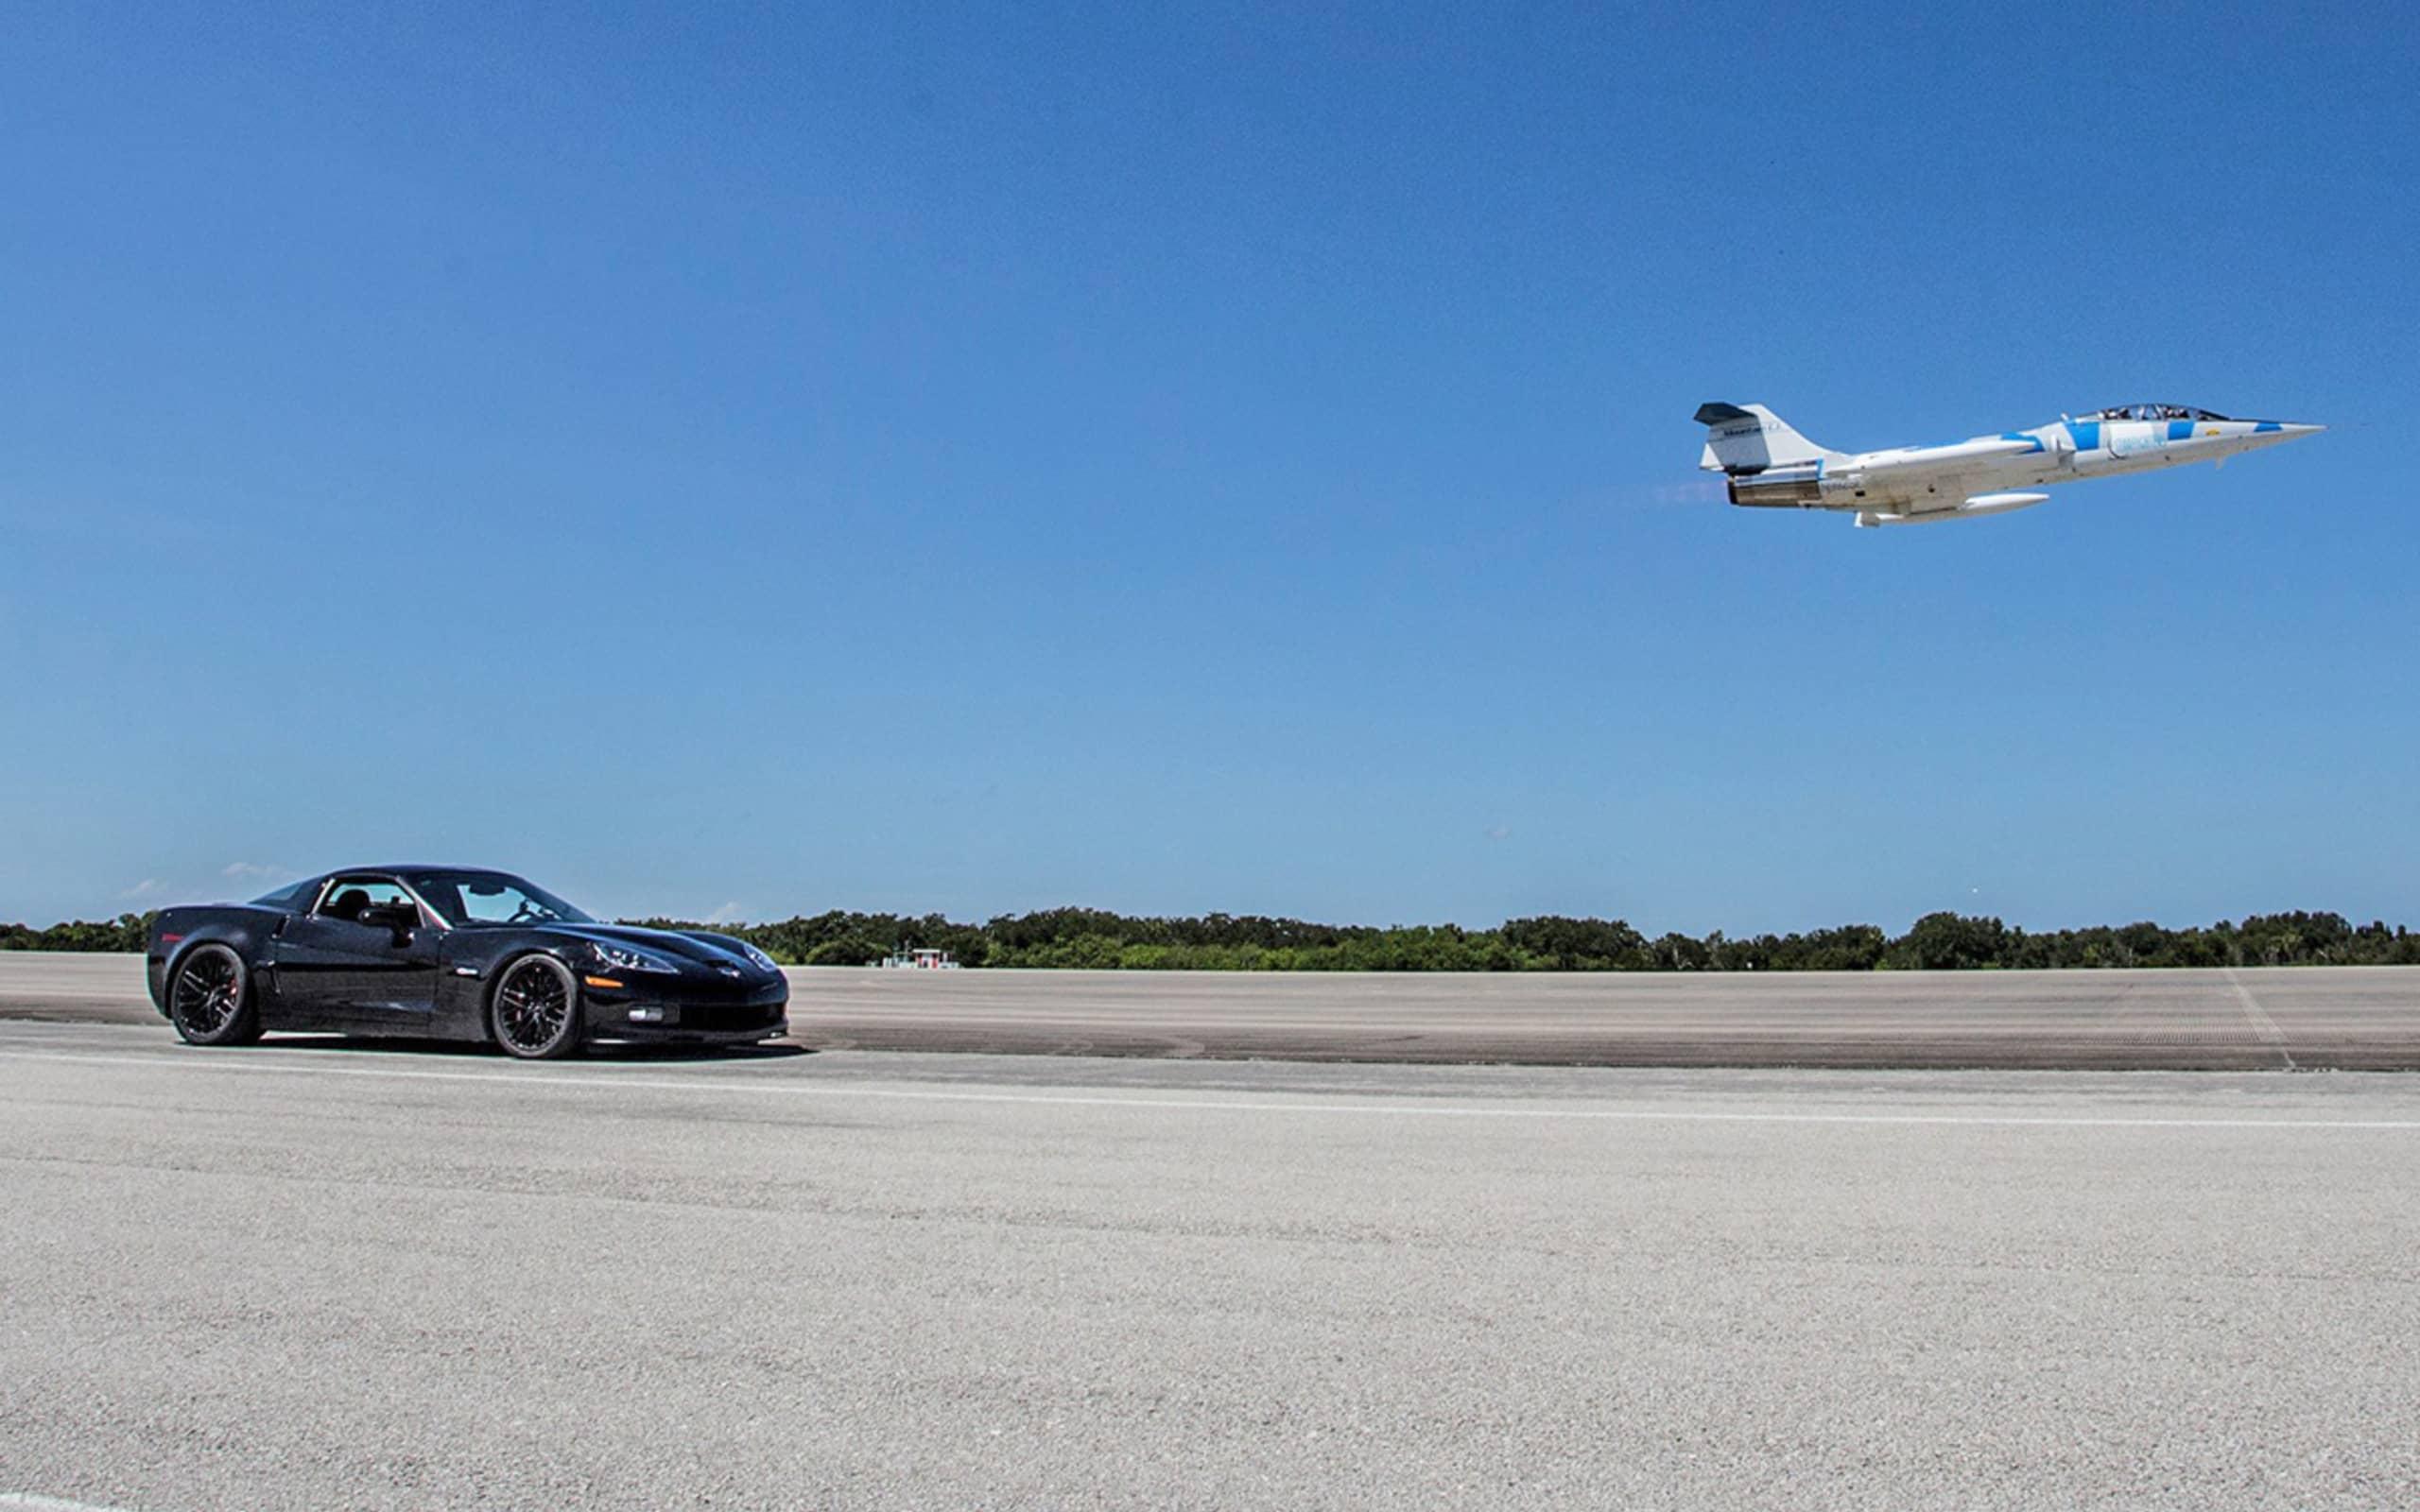 GXE : record du monde de vitesse pour une voiture électrique, 330,9 km/h 3